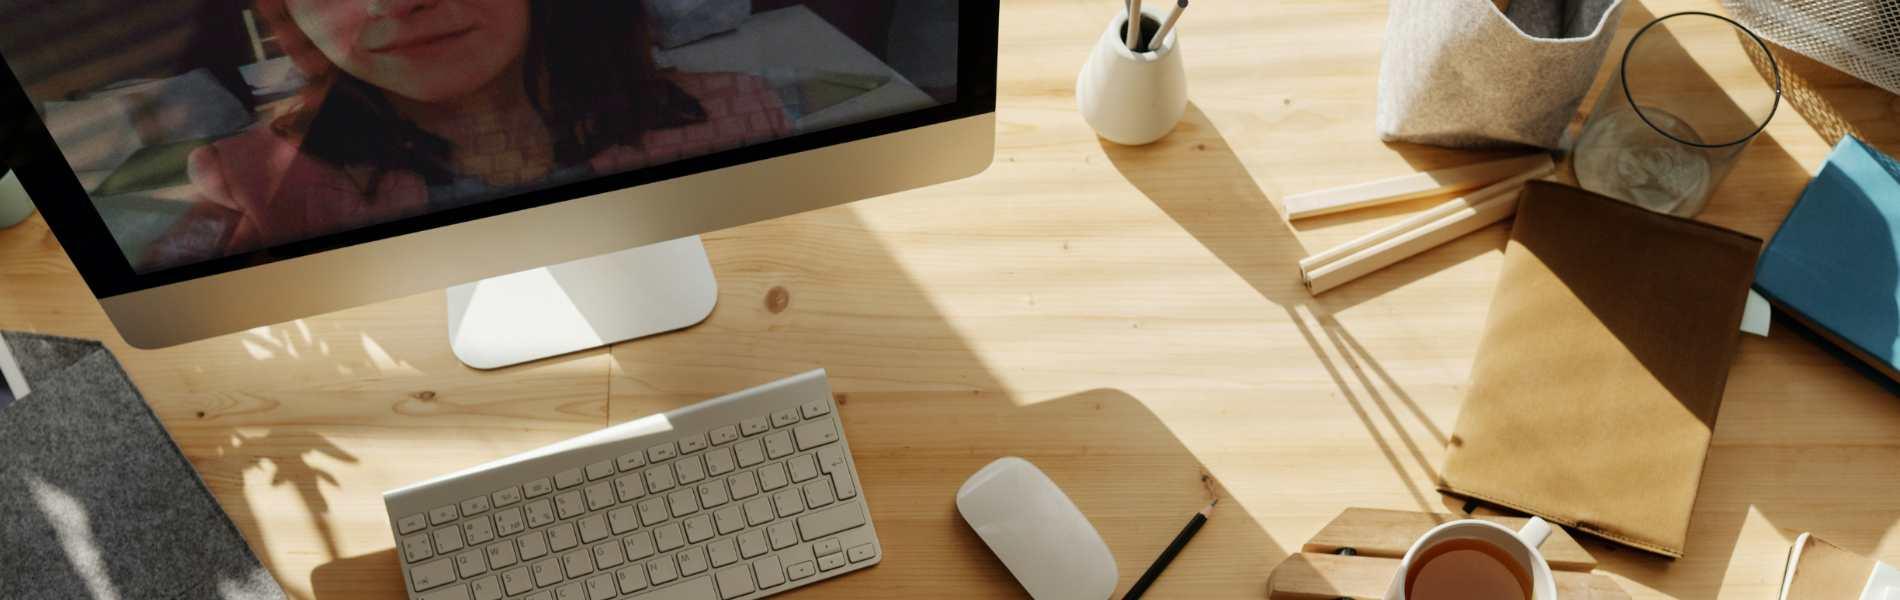 Qué es el SCORM y por qué es fundamental en e-learning